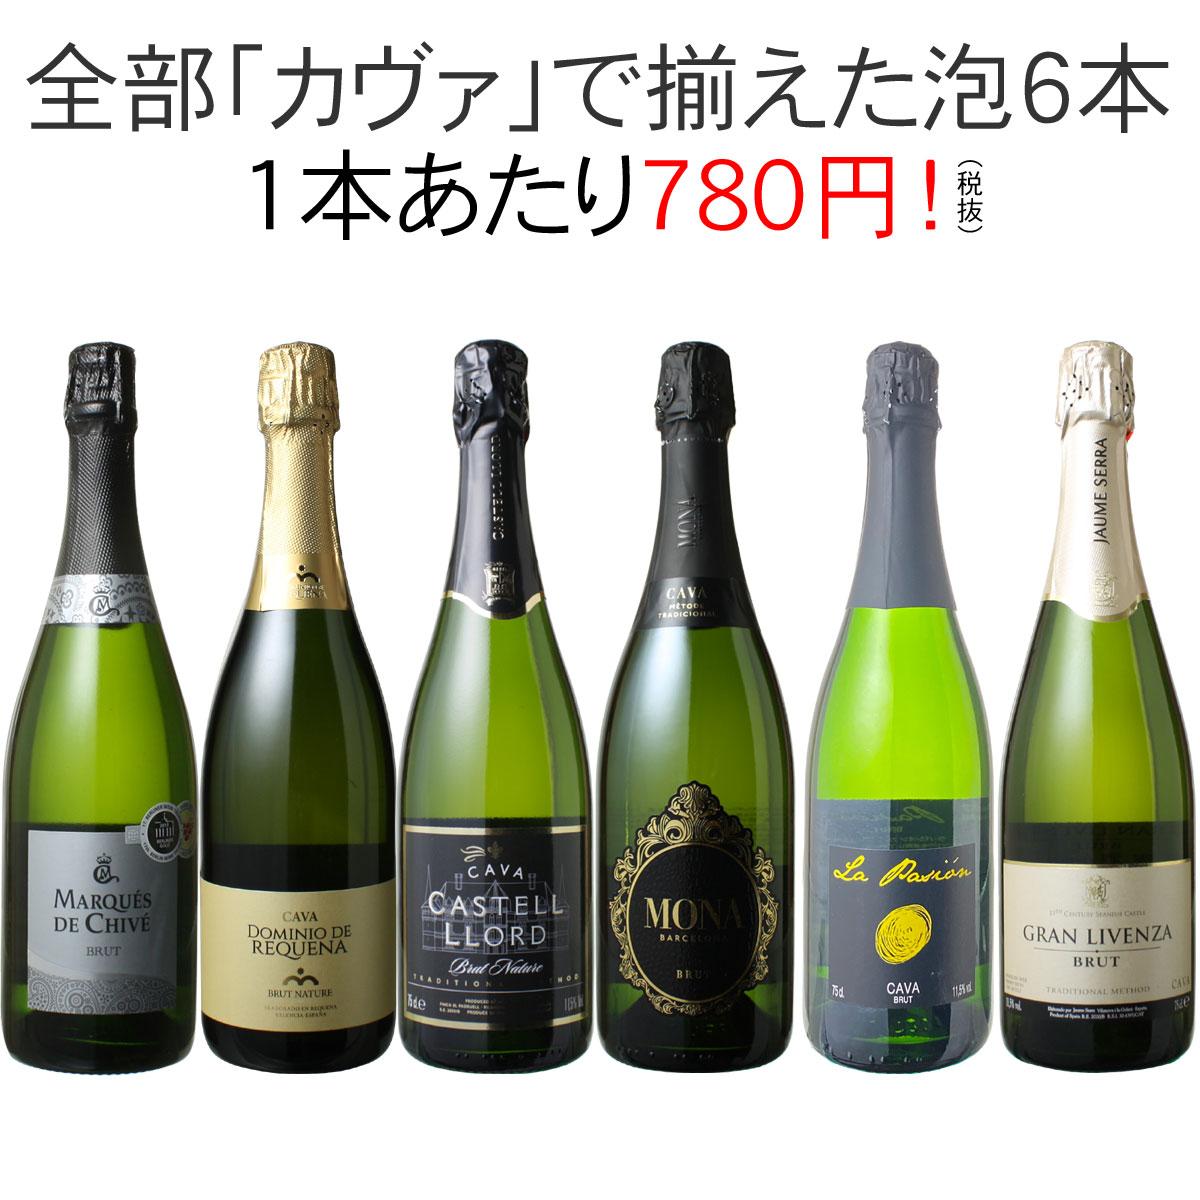 ワインセット カヴァ 6本 セット 辛口 シャンパン製法 瓶内二次発酵 スパークリングワイン カヴァだけ